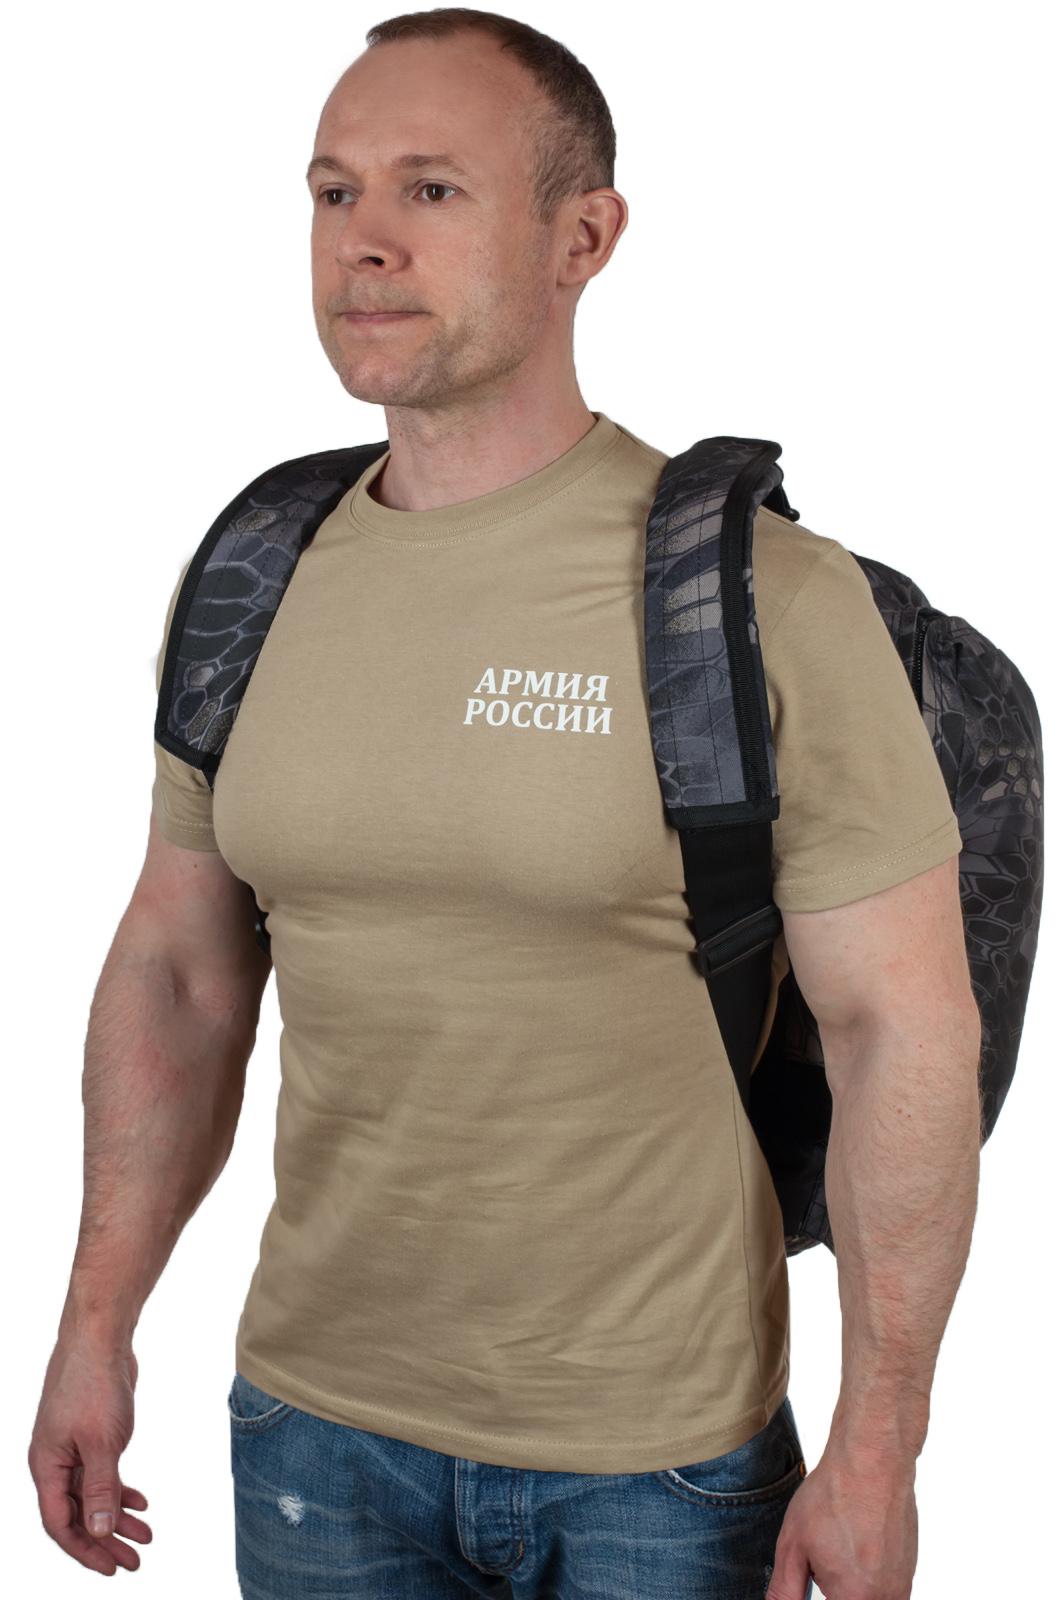 Походная надежная сумка с нашивкой ДПС - купить по низкой цене